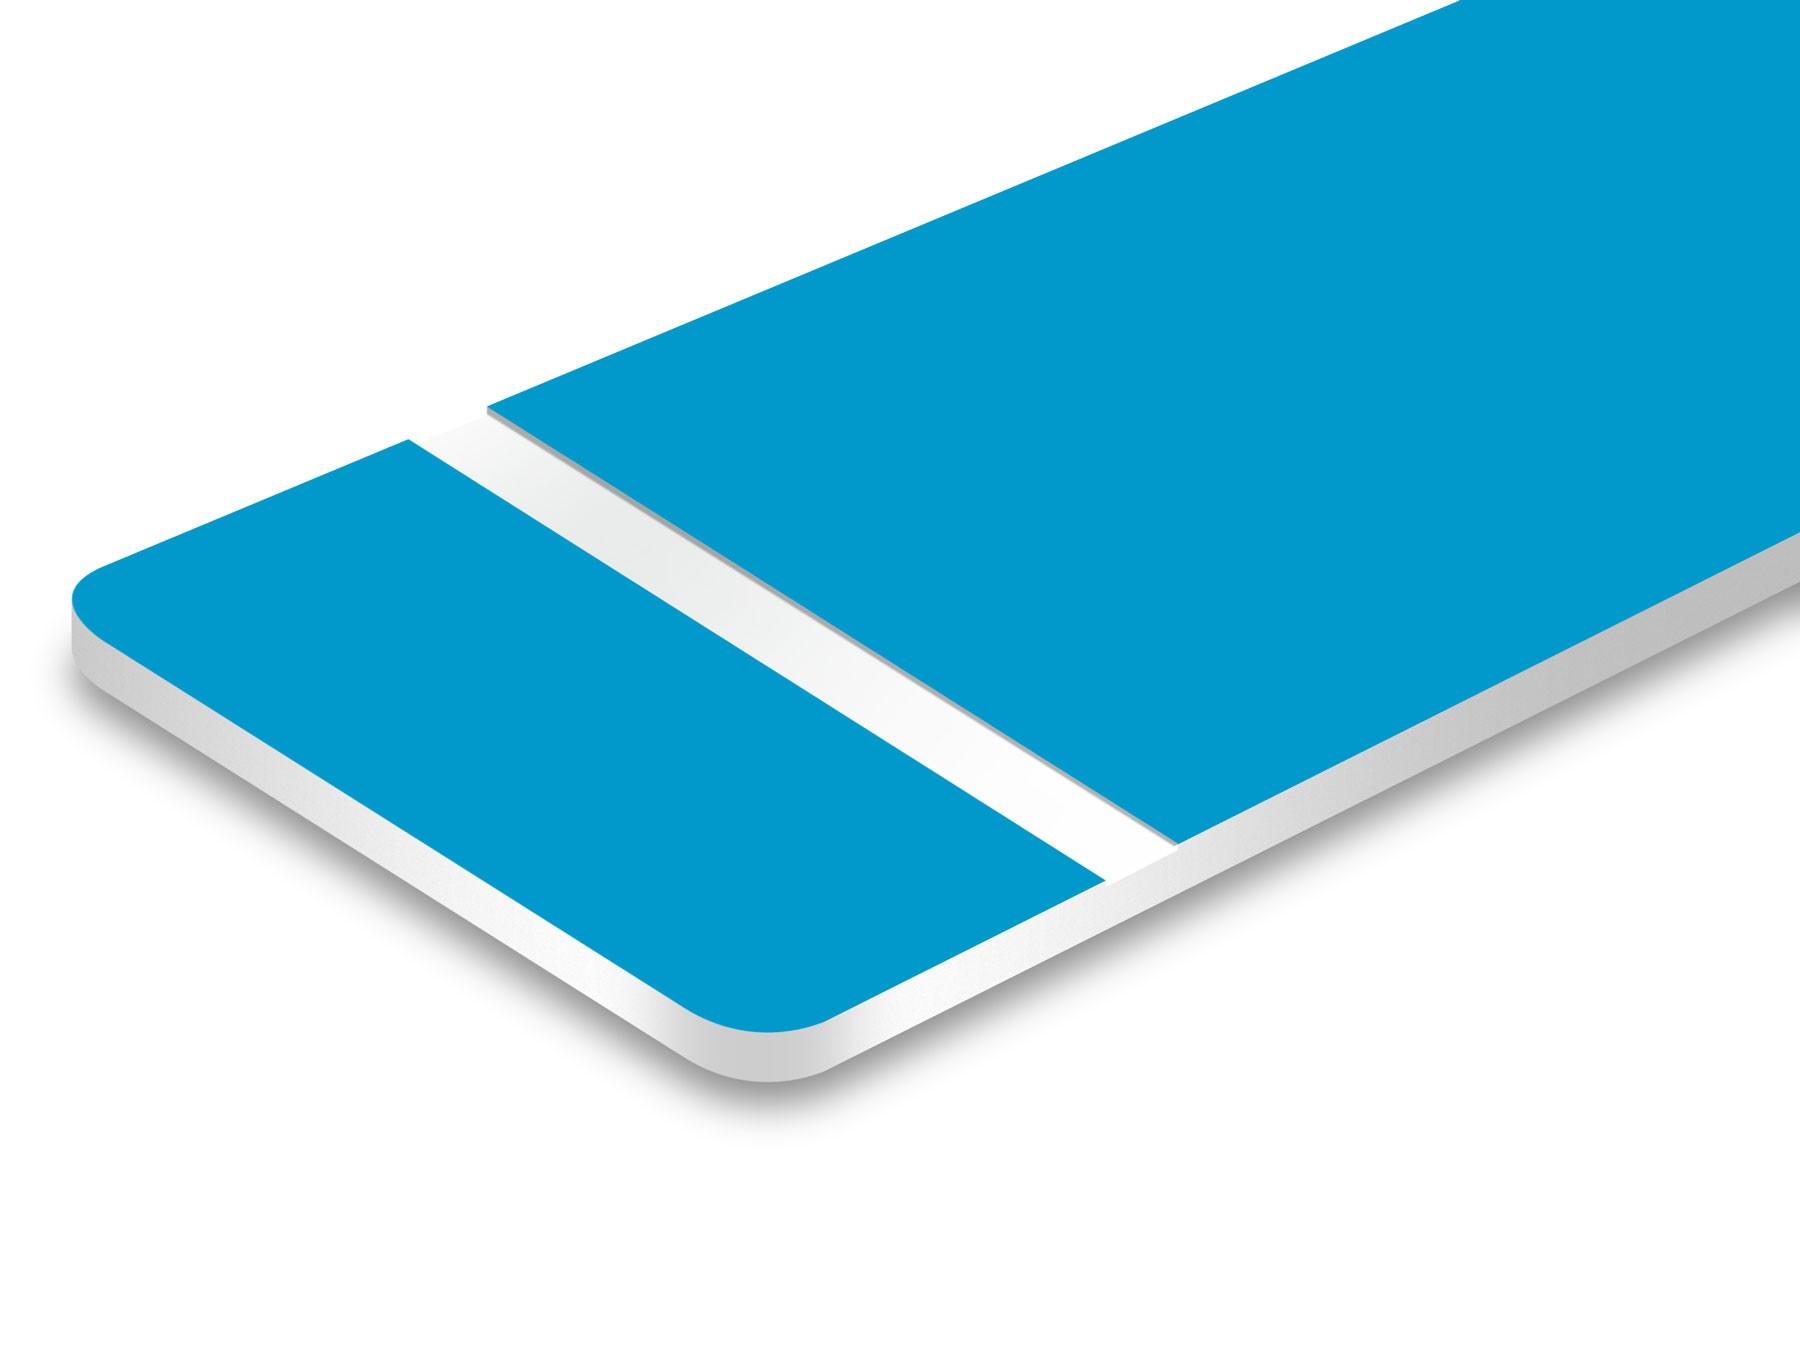 L562-203 Hellblau/Weiß 0,8mm